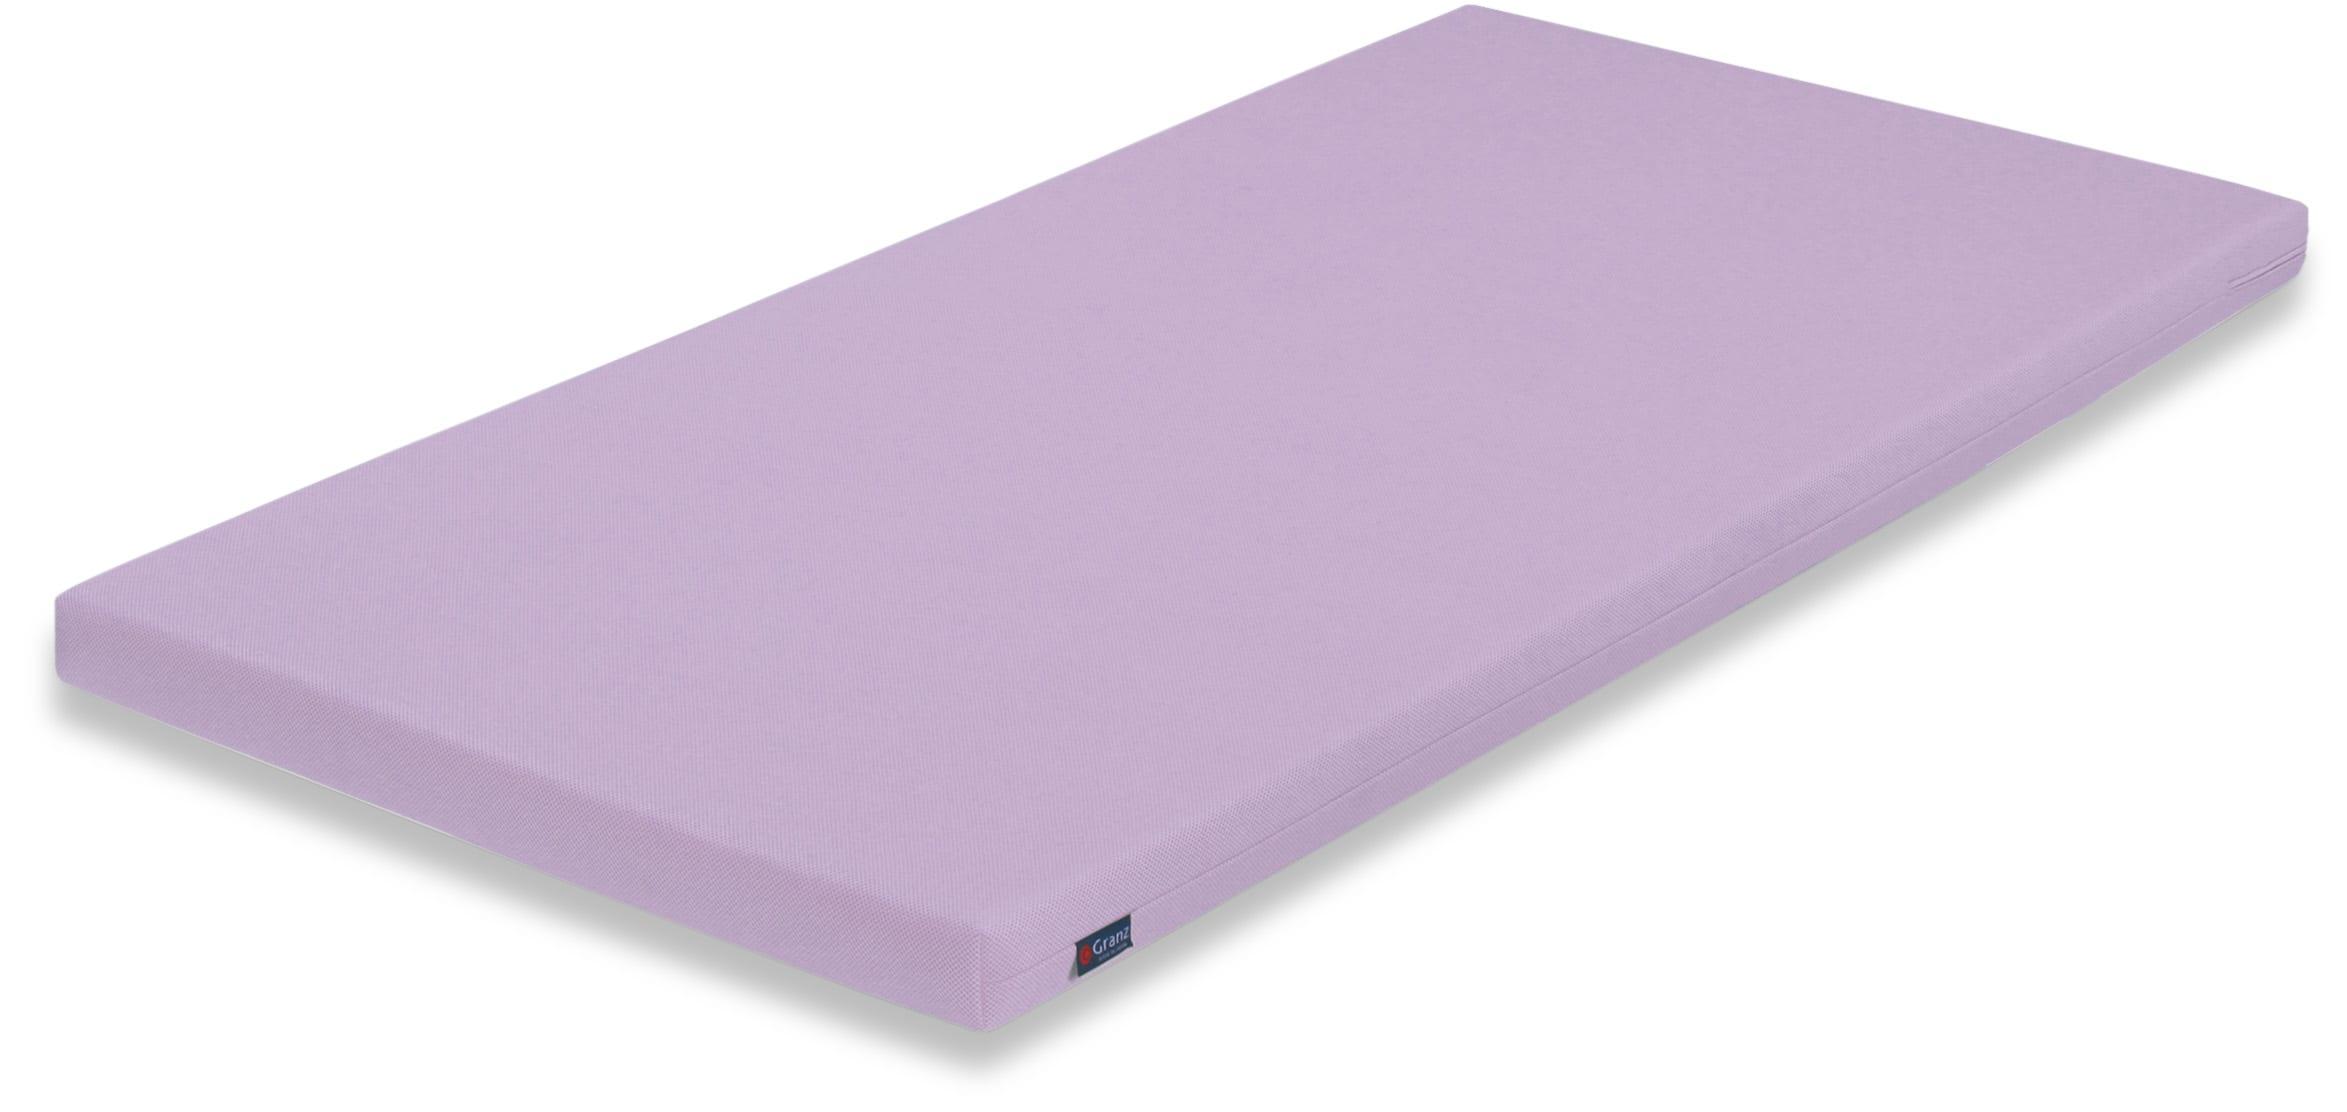 薄型マットレス カラーボンネル PUパープル:《システムベッドのマットレスにおすすめ》